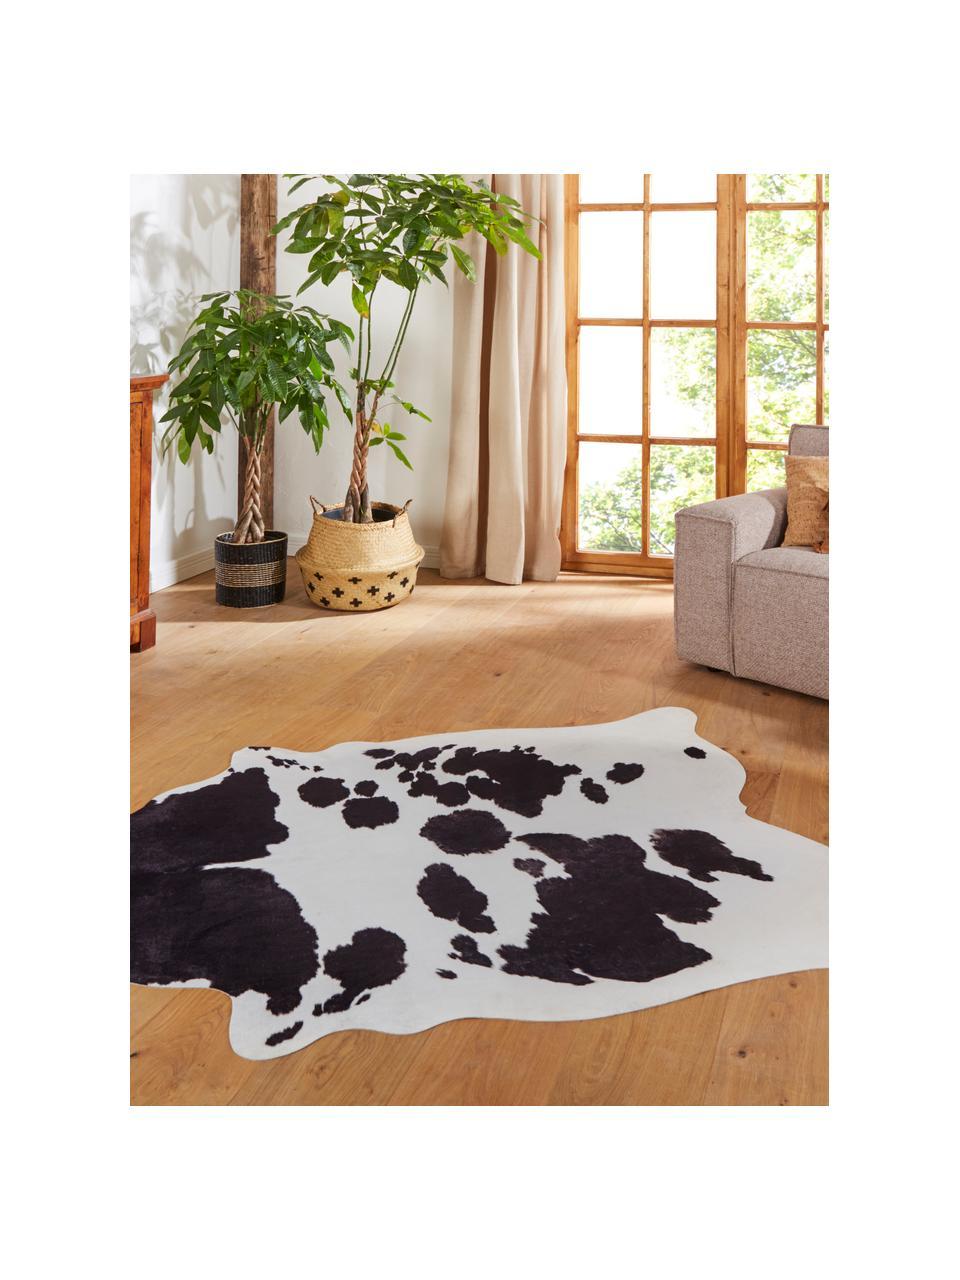 Kuhfell-Teppich Wilbur aus Kunstfell, Cremefarben, Schwarz, 155 x 190 cm